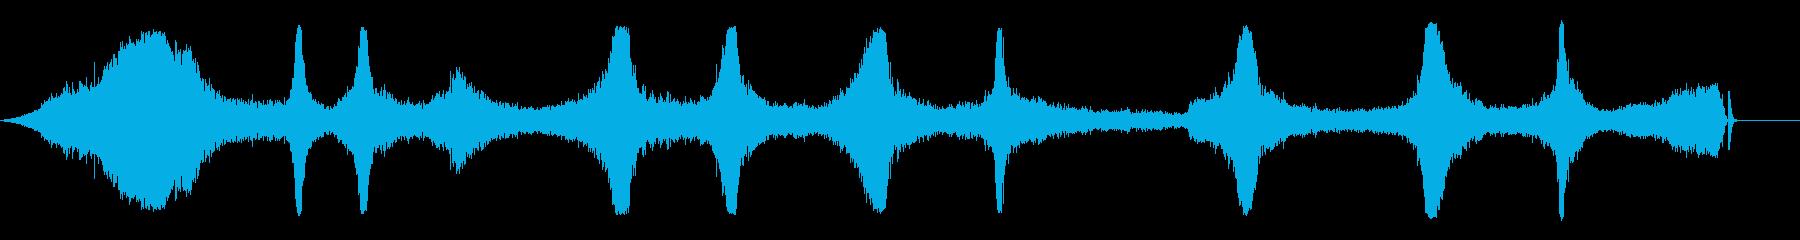 アセチレントーチバイスとヒスの再生済みの波形